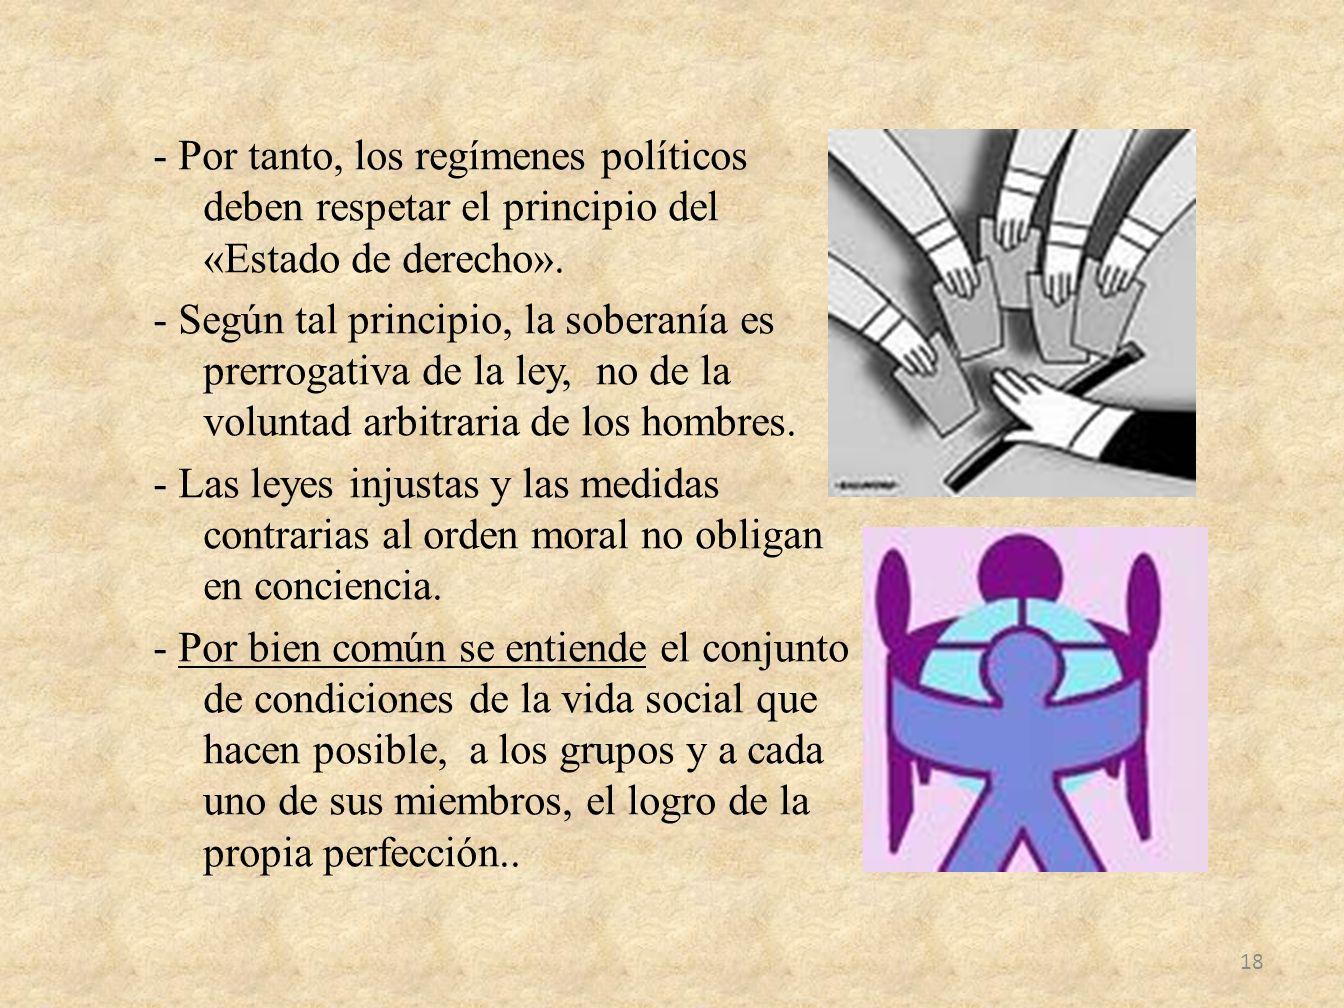 - Por tanto, los regímenes políticos deben respetar el principio del «Estado de derecho». - Según tal principio, la soberanía es prerrogativa de la le